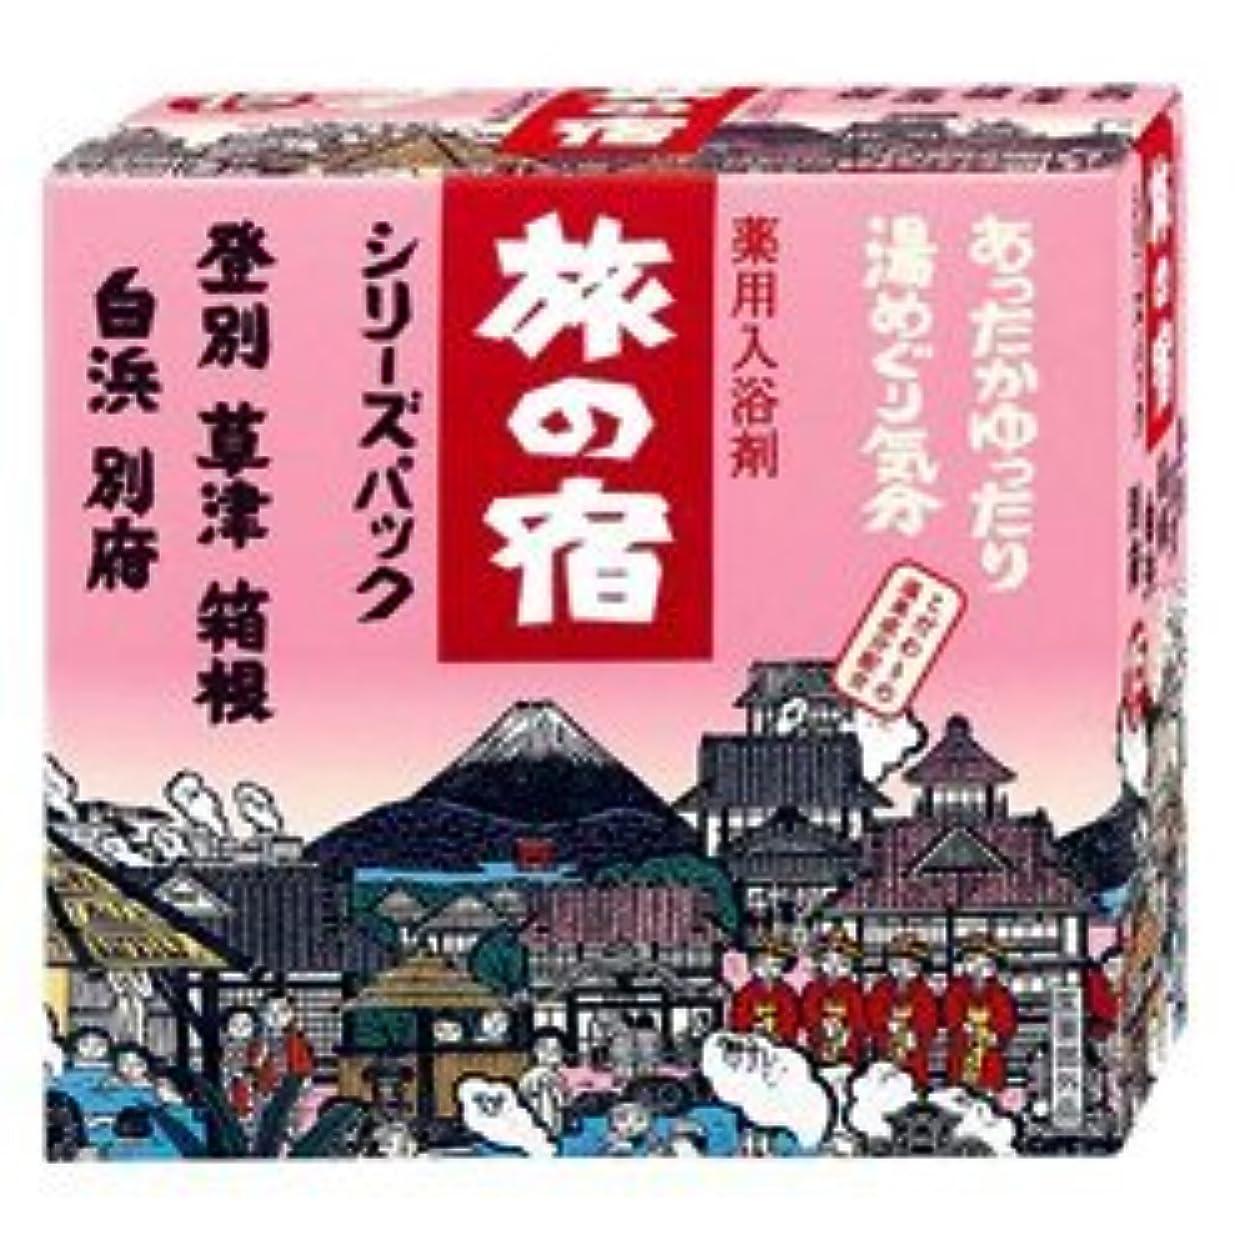 めまいうぬぼれカヌー【クラシエ】旅の宿 とうめい湯シリーズパック 15H ×10個セット